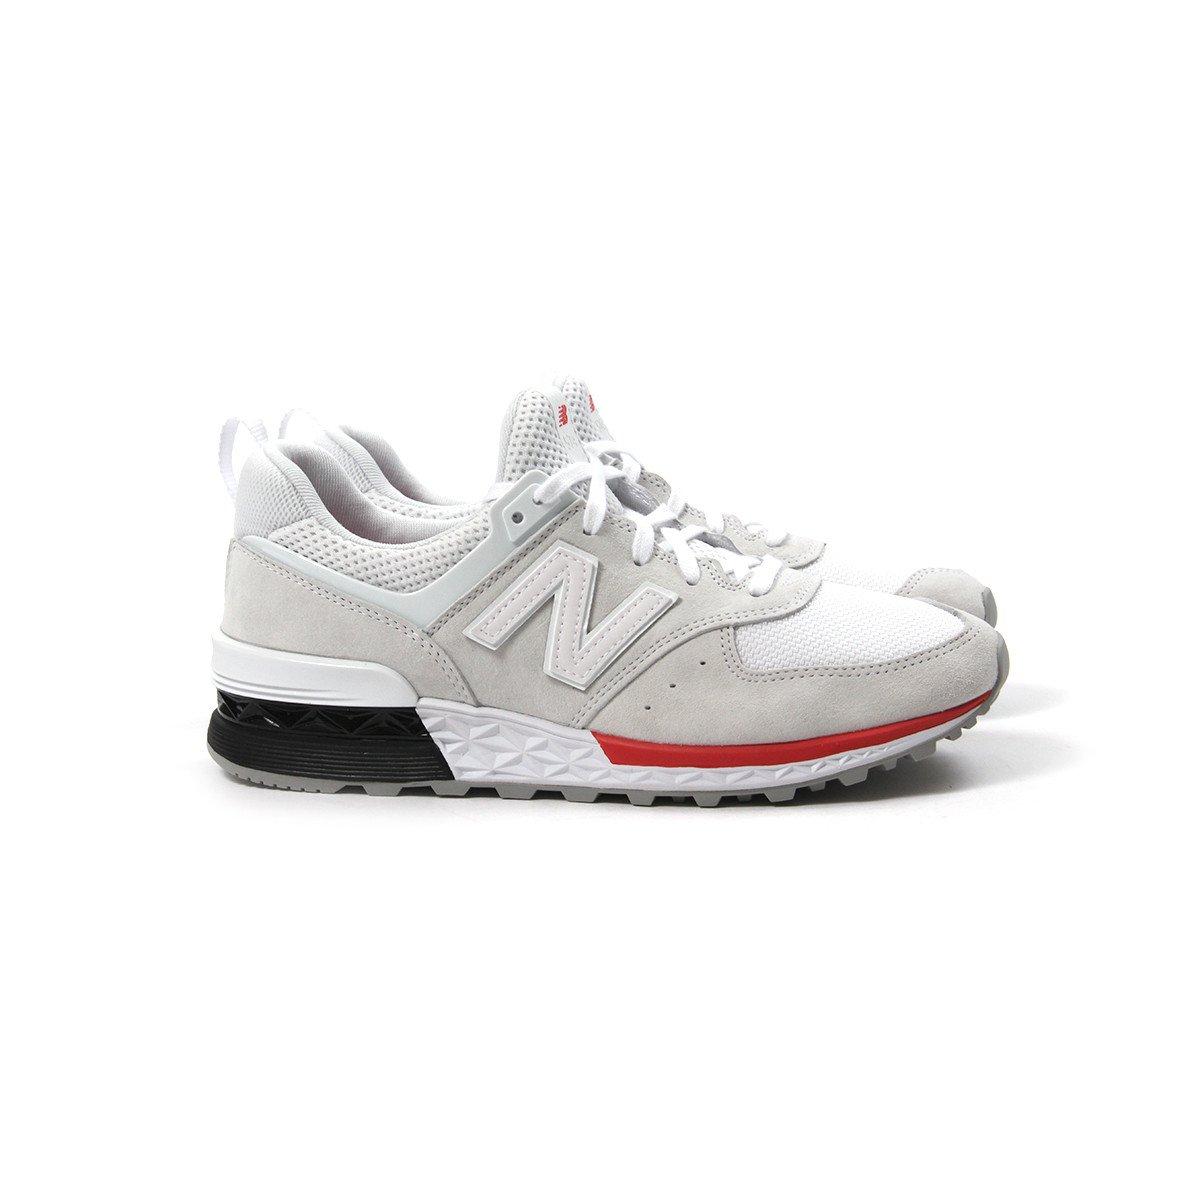 New Balance MS574AW 12|Blanco Venta de calzado deportivo de moda en línea